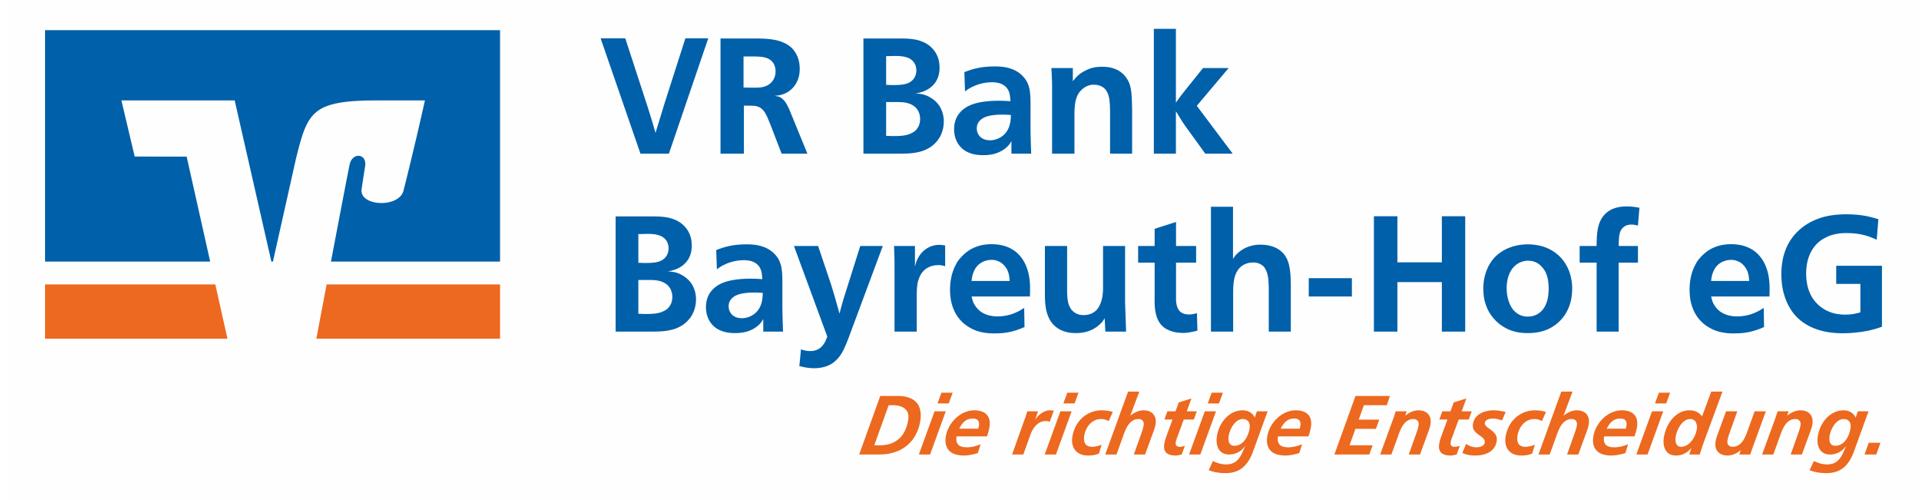 VR Bank Bayreuth-Hof eG Filiale Unterkotzau